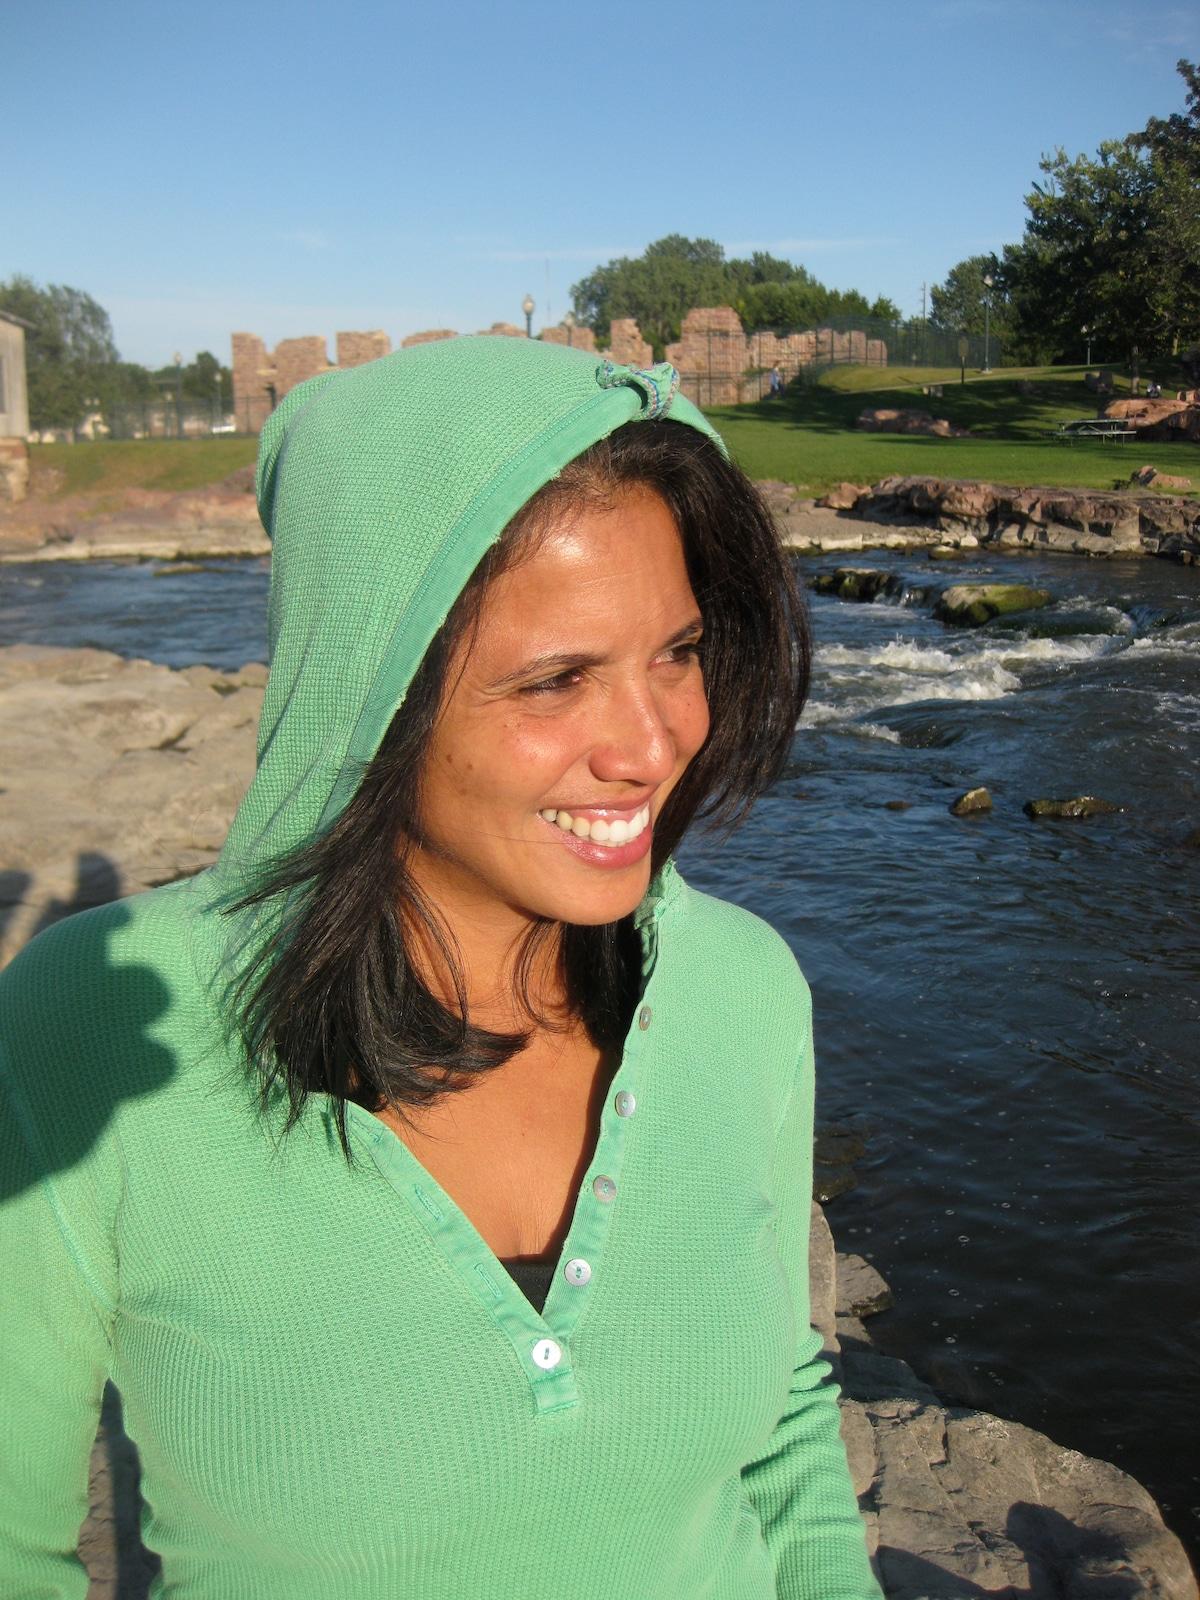 Tricia From Rosarito, Mexico